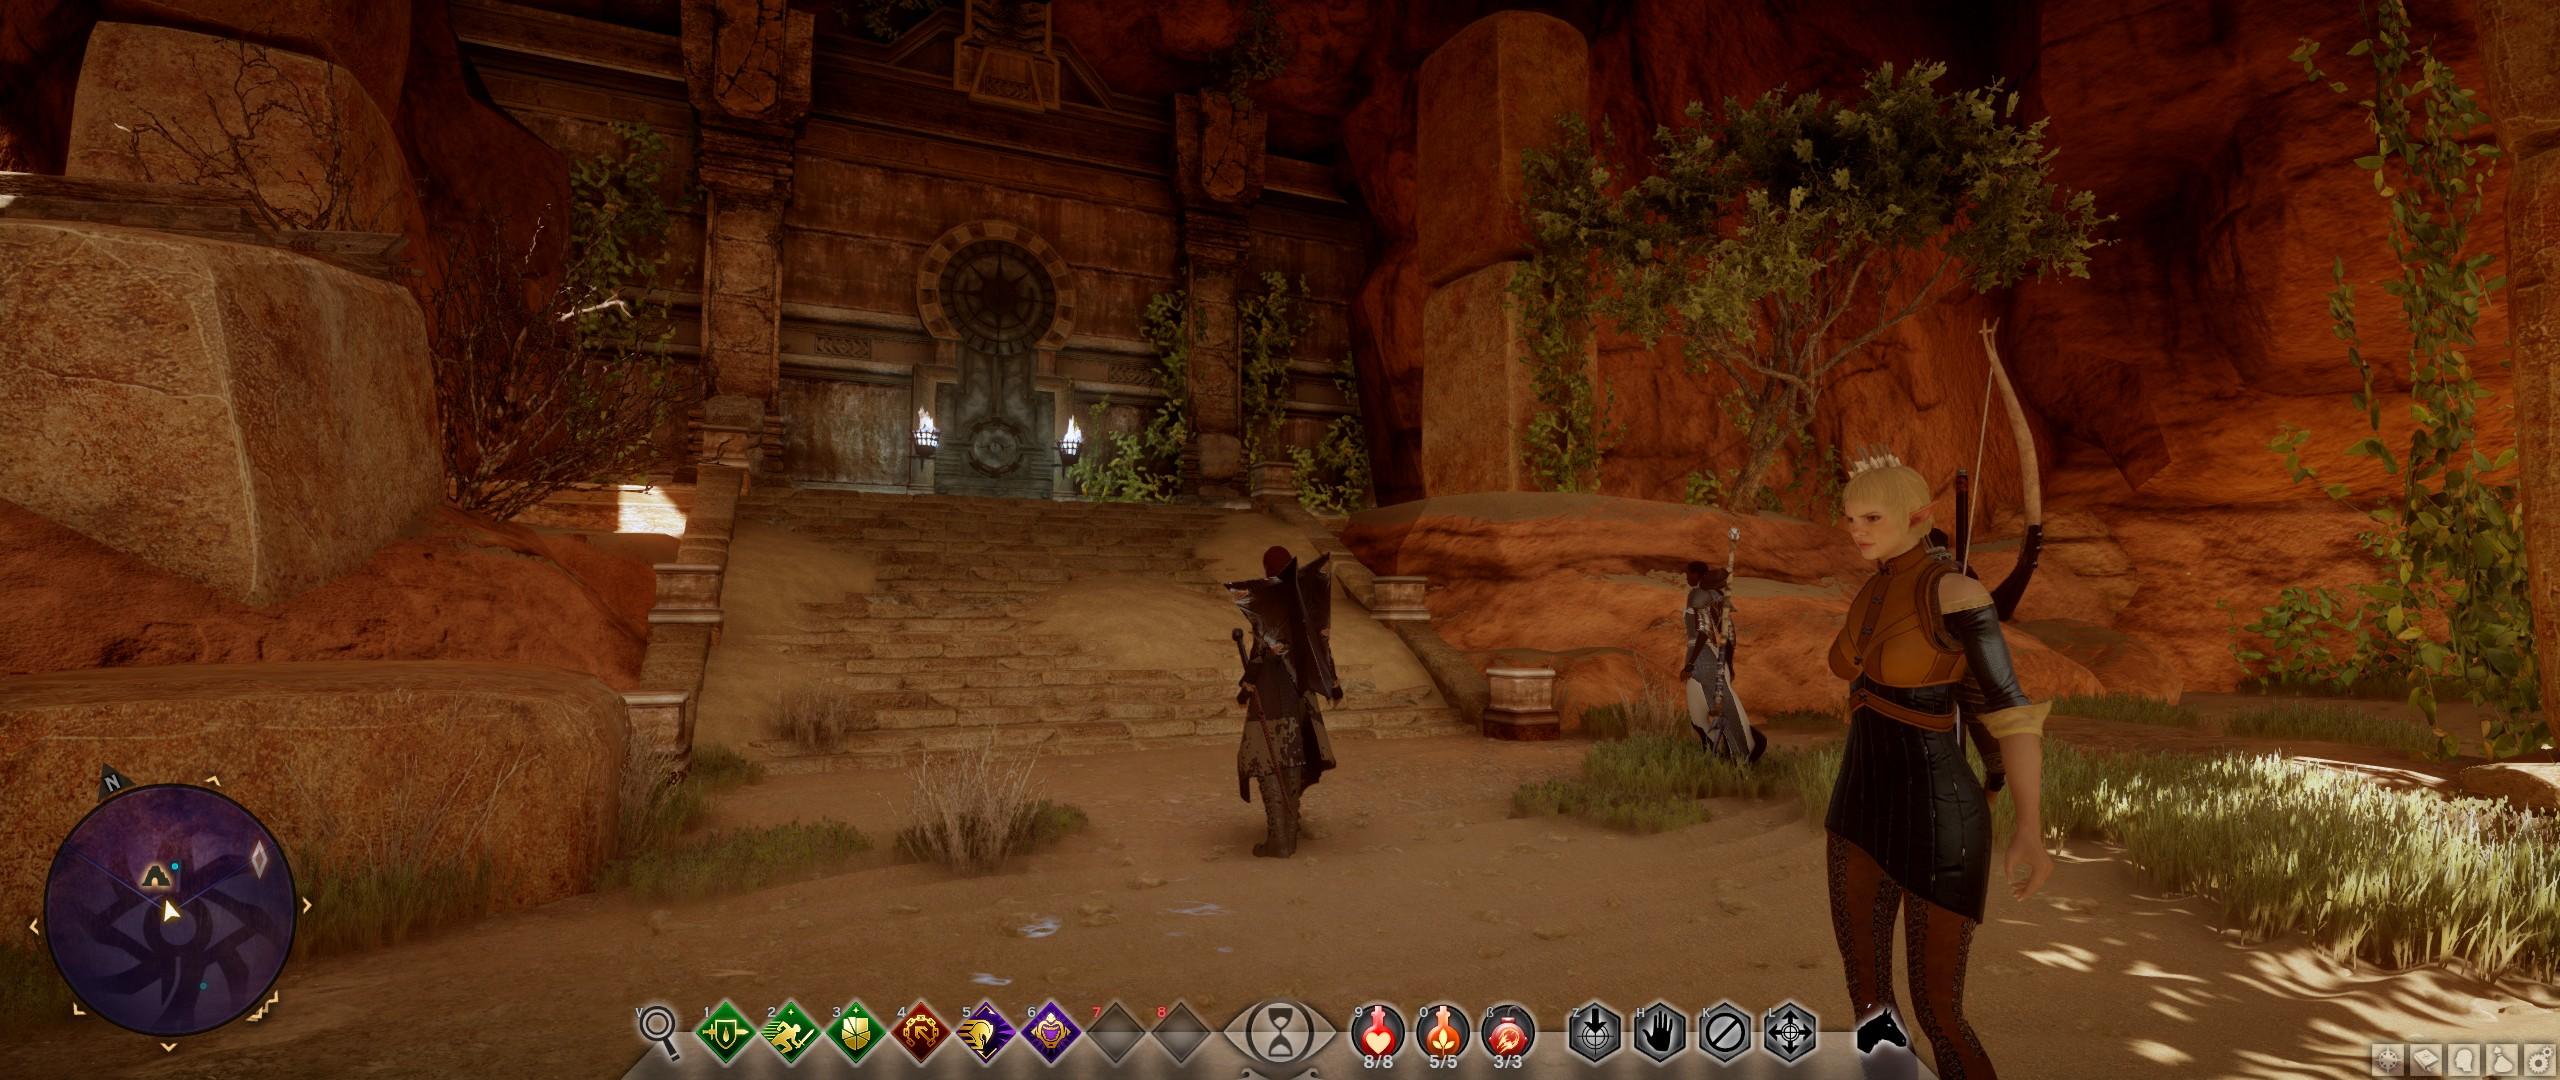 ScreenshotWin32_0037_Final